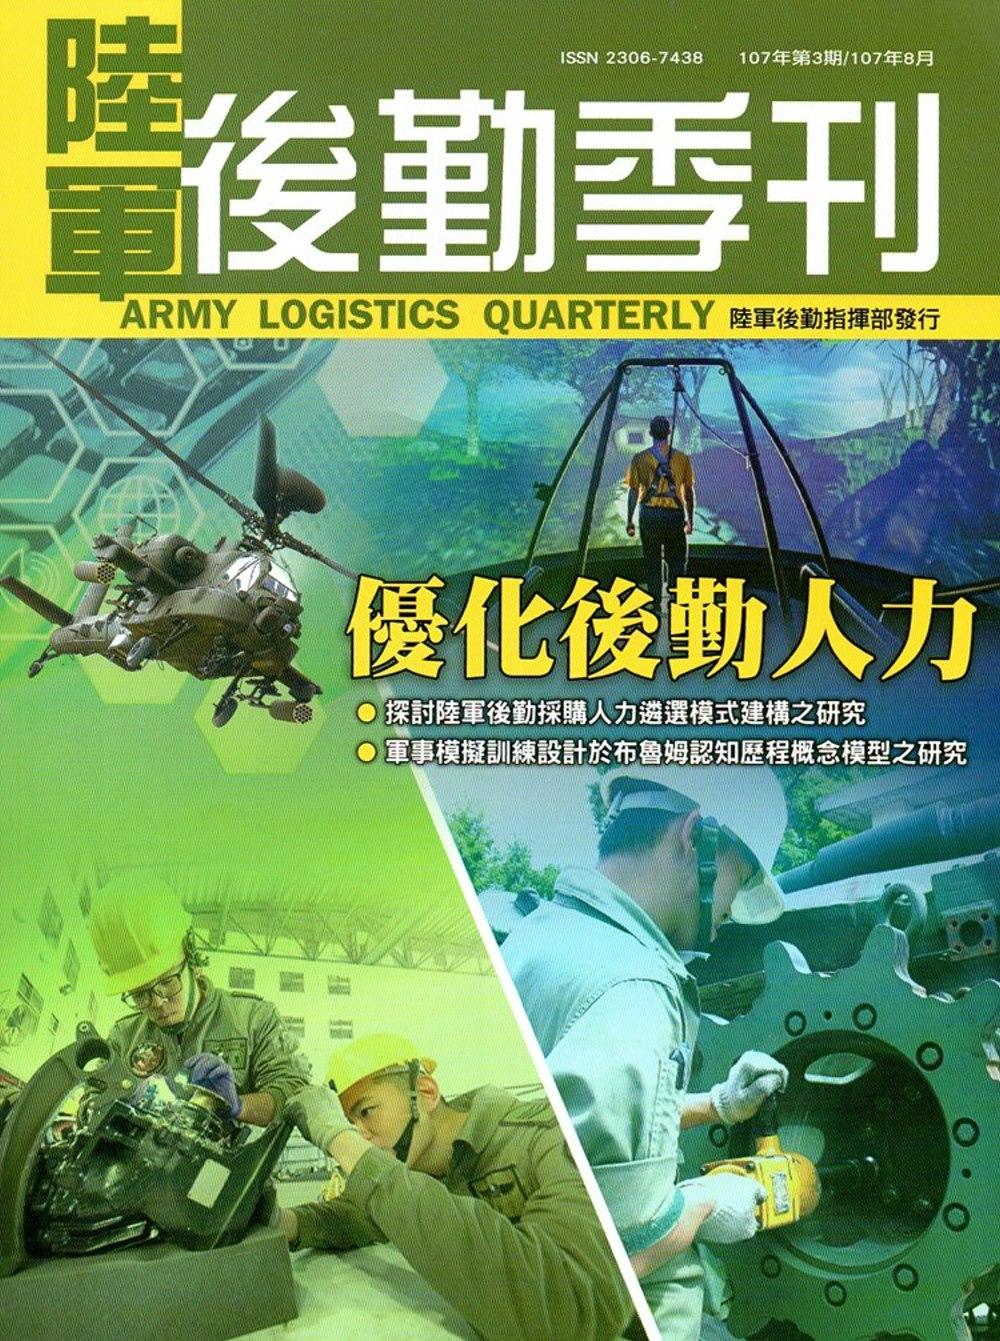 陸軍後勤季刊107年第3期(2018.08)